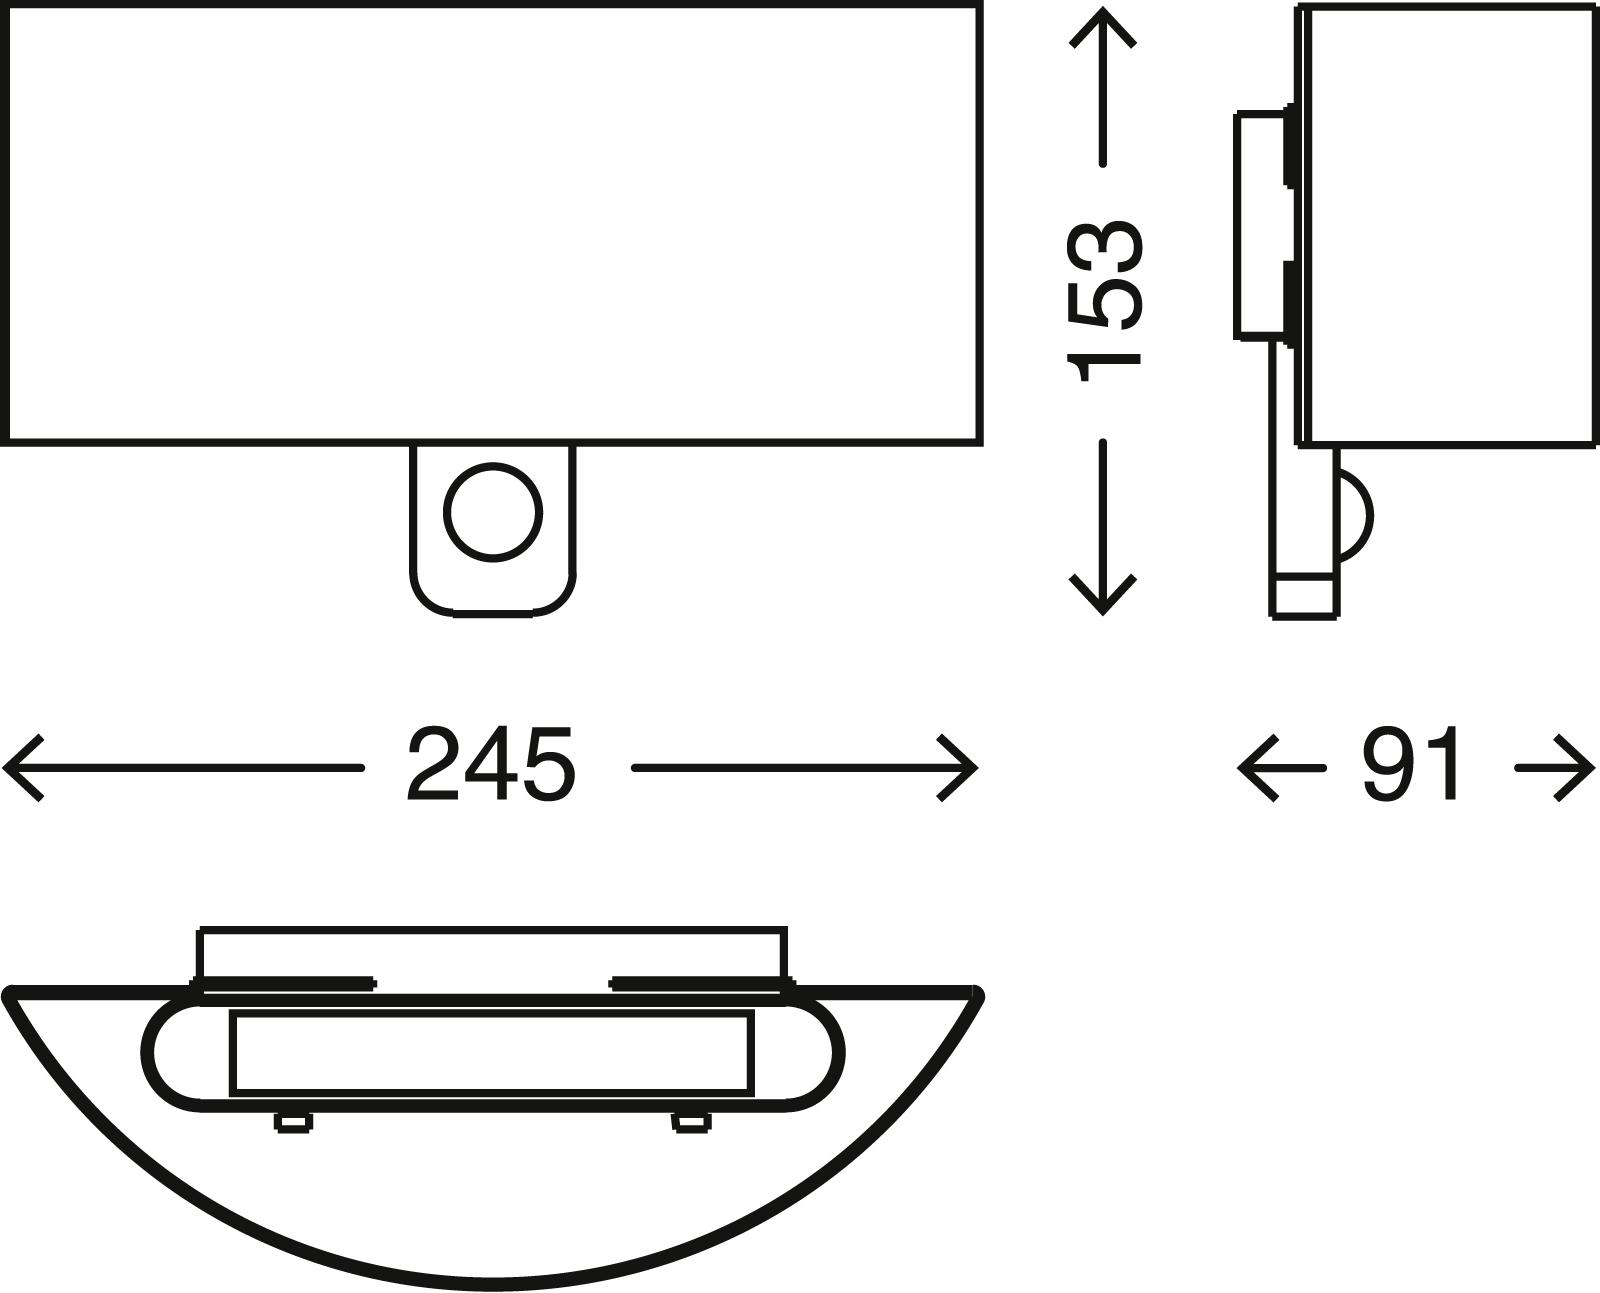 TELEFUNKEN Sensor LED Aussenleuchte, 24,5 cm, 8,5 W, Weiss